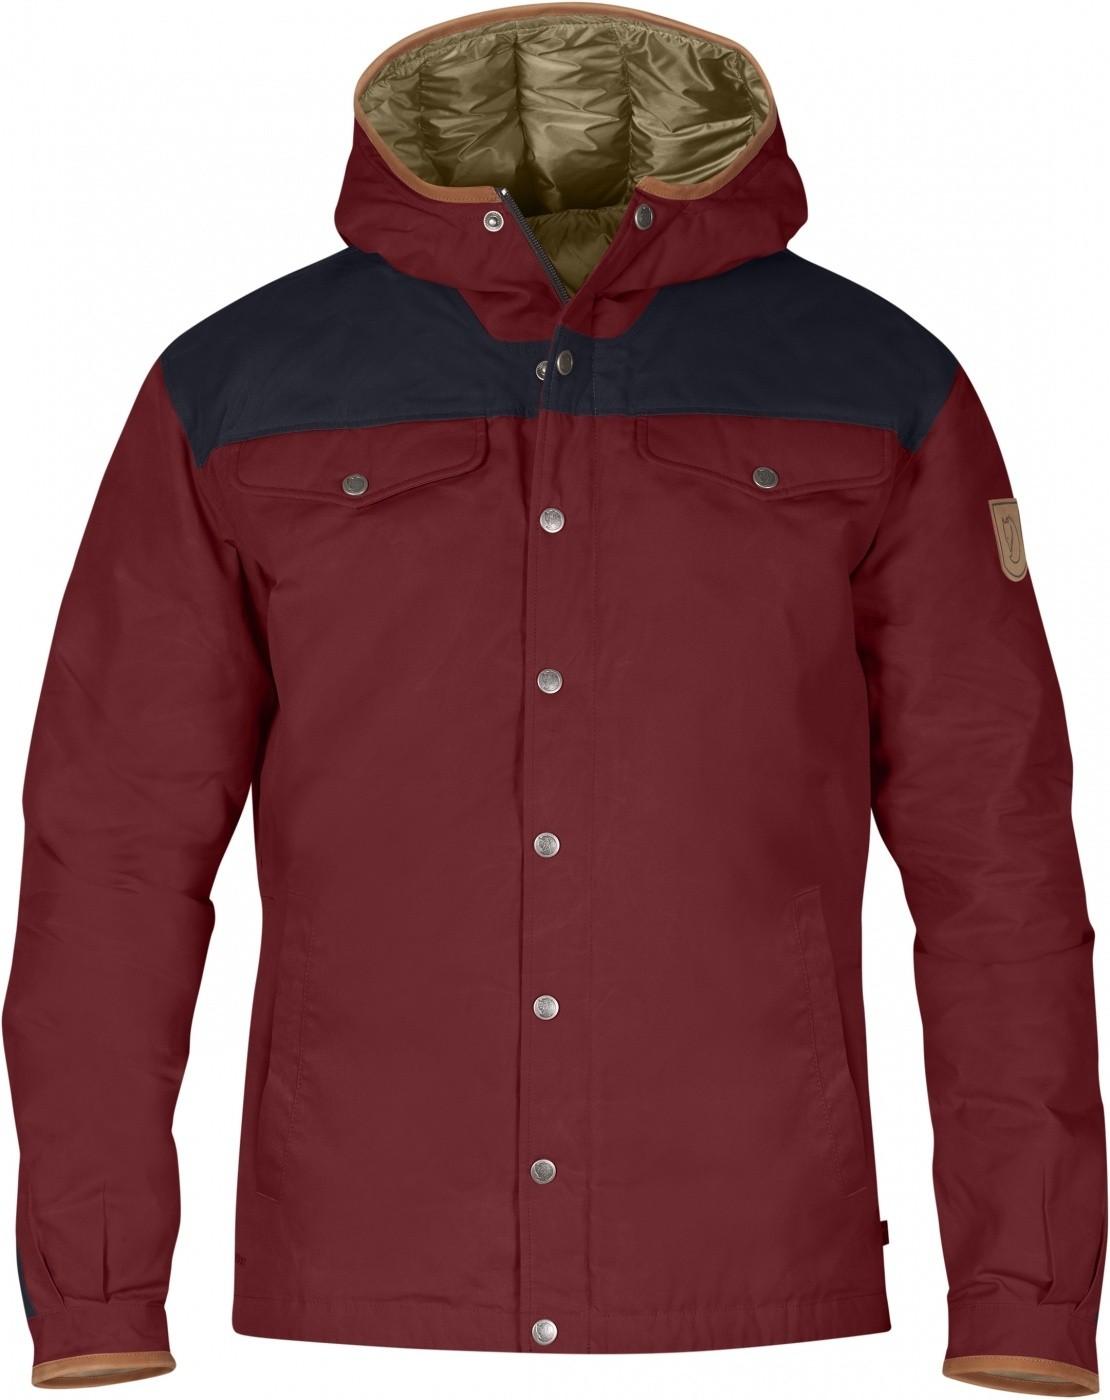 FjallRaven Greenland No.1 Down Jacket